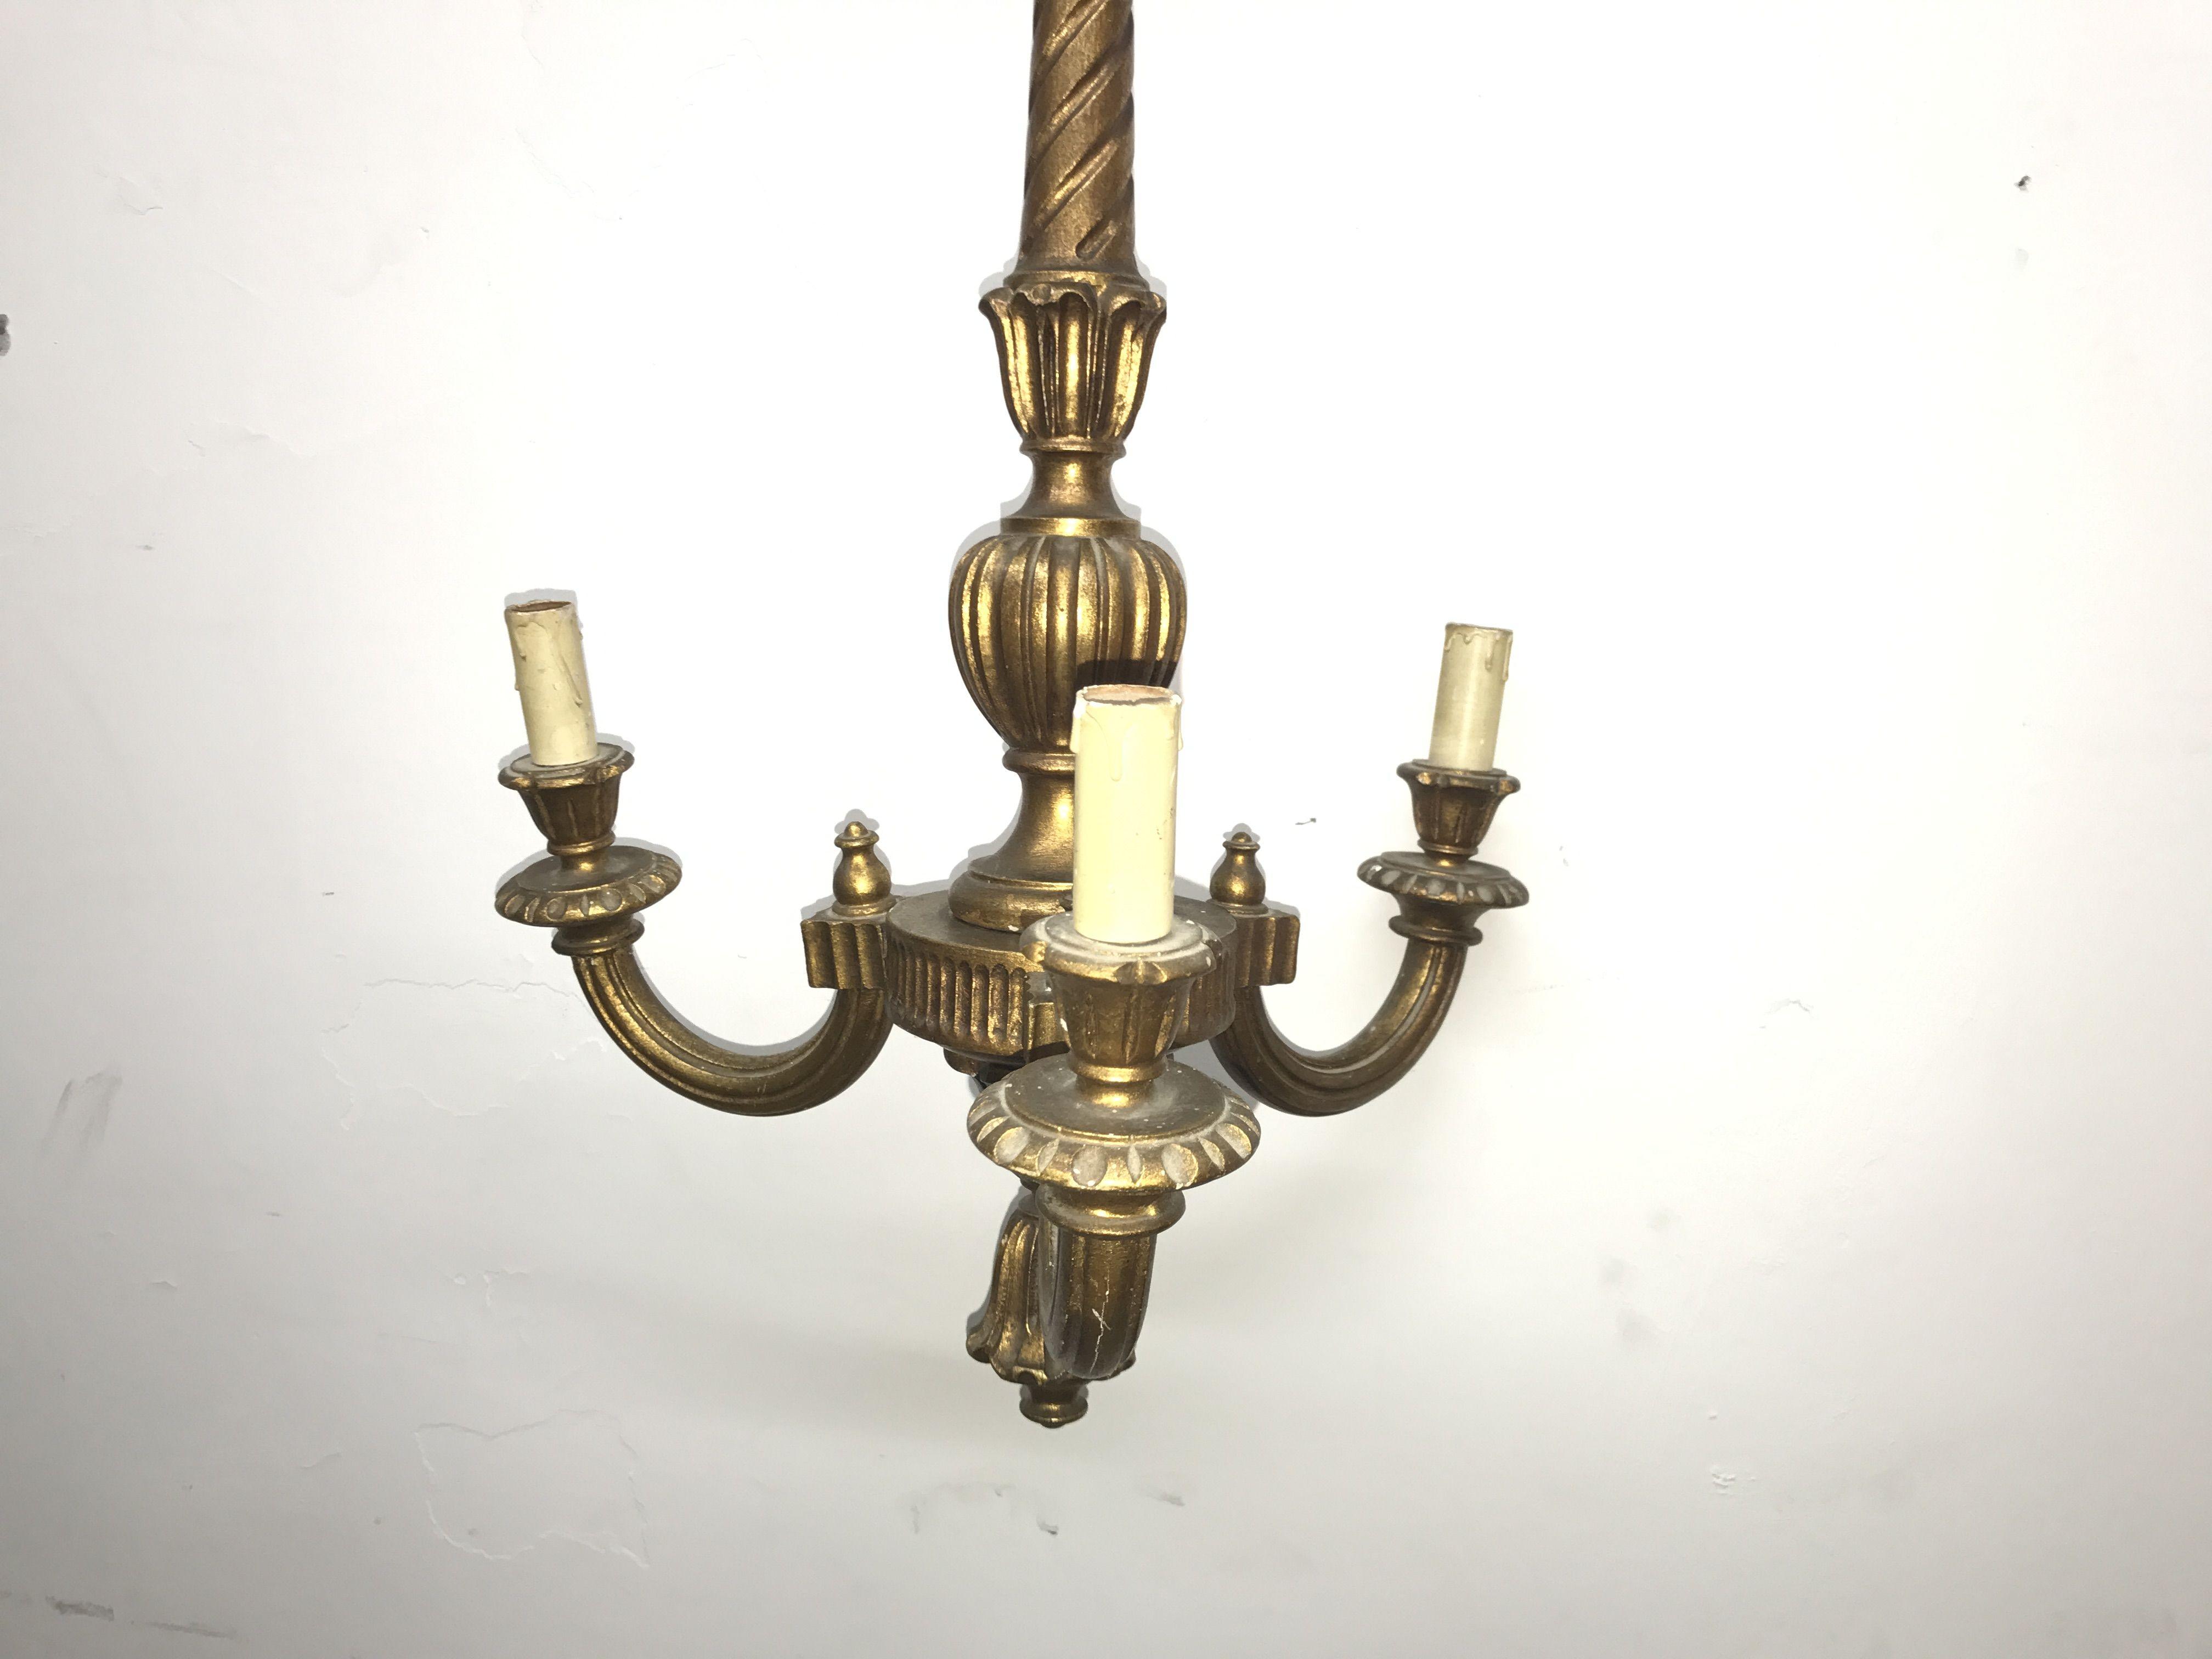 Lampadario In Legno Antico : Antico lampadario in legno foglia d oro oggetti unici rari